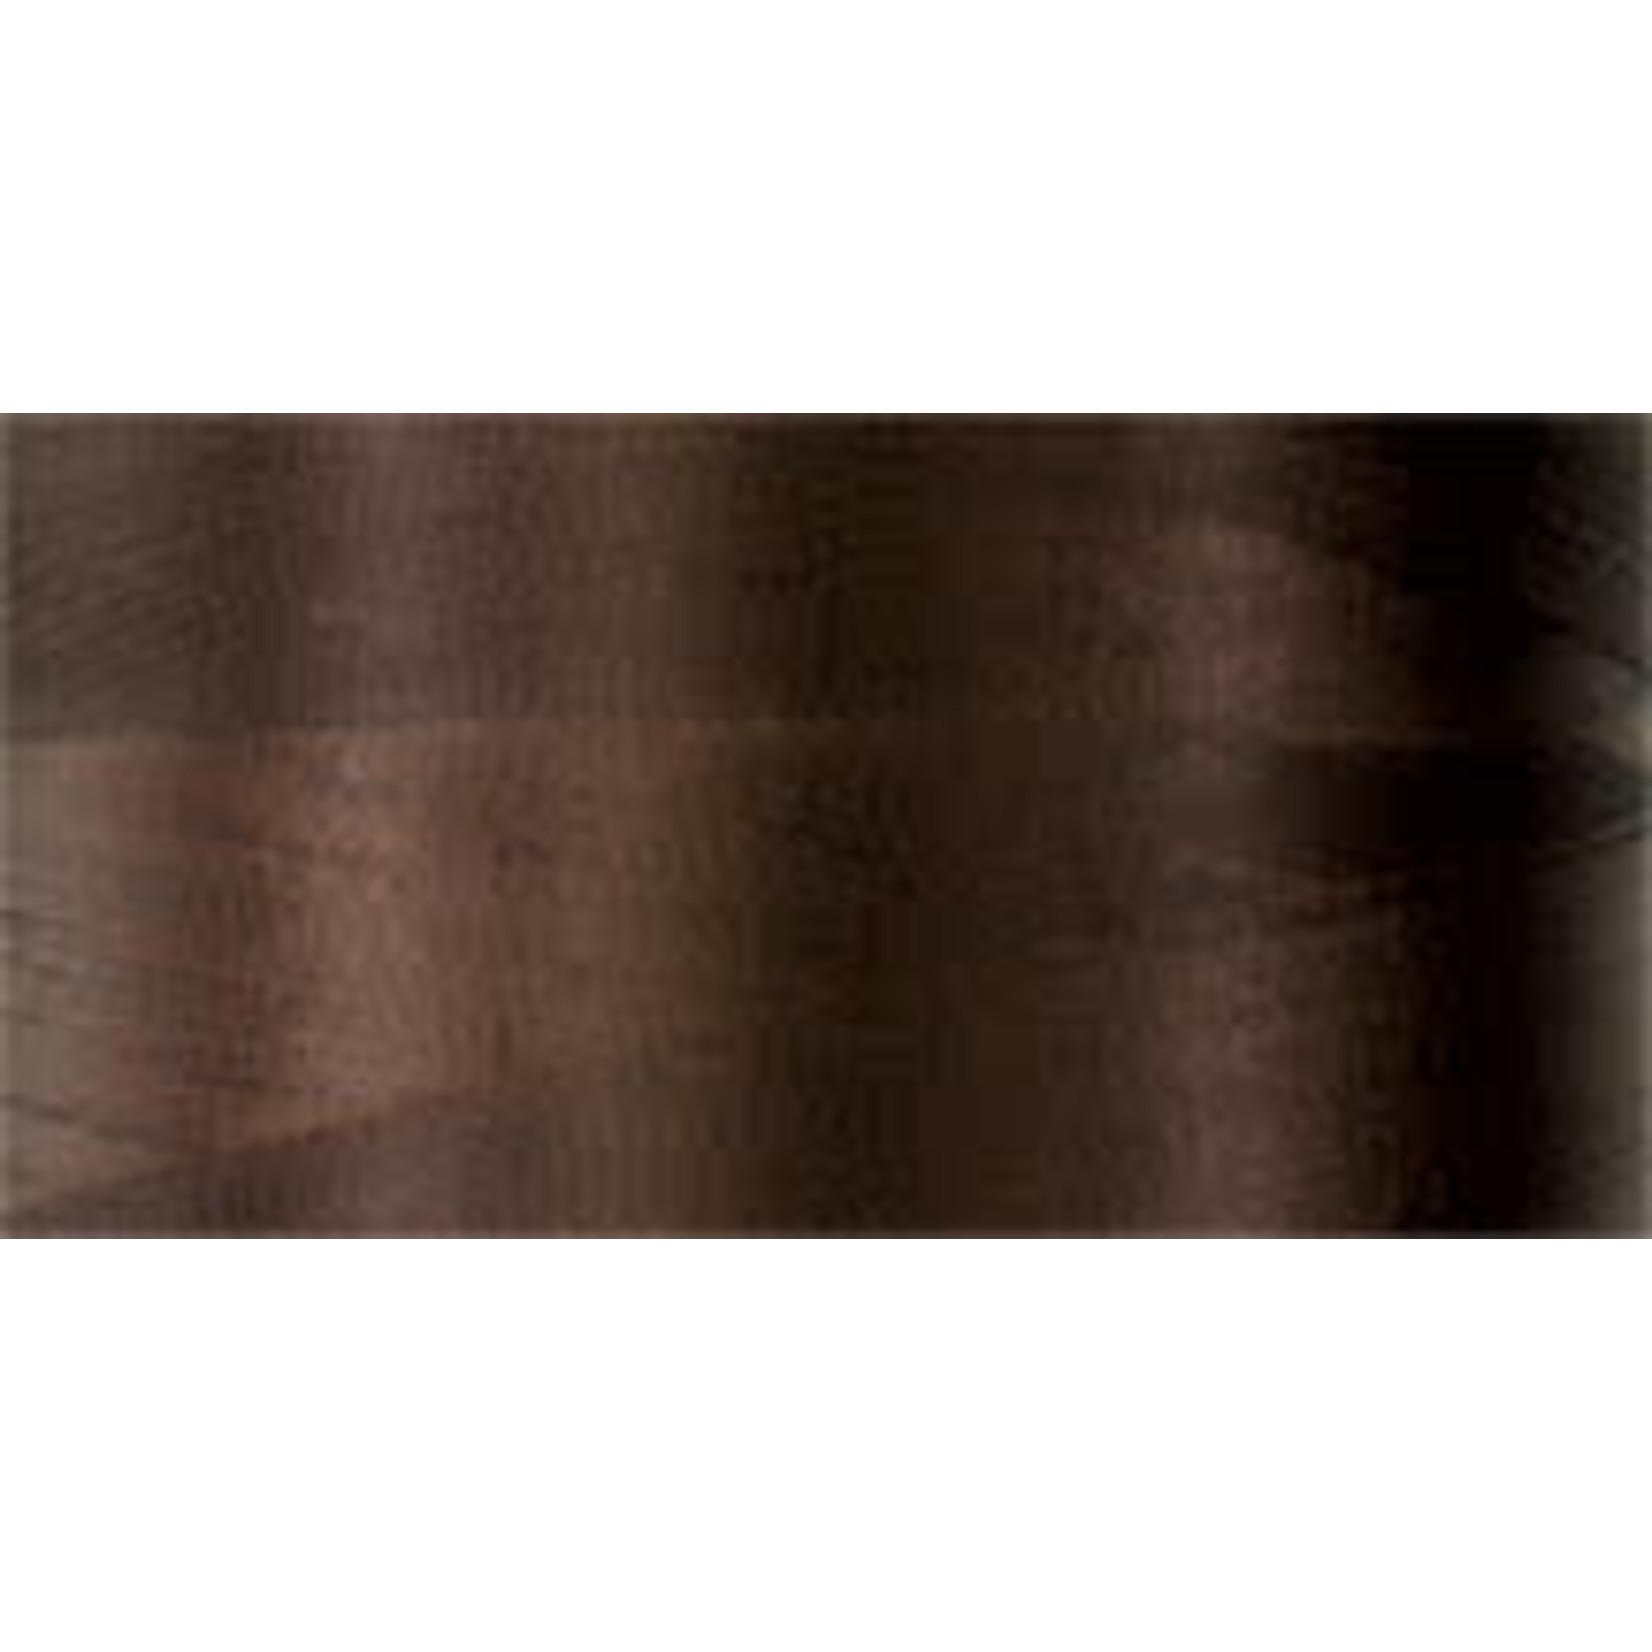 Superior Threads Bottom Line - #60 - 1300 m - 648 Dark Brown